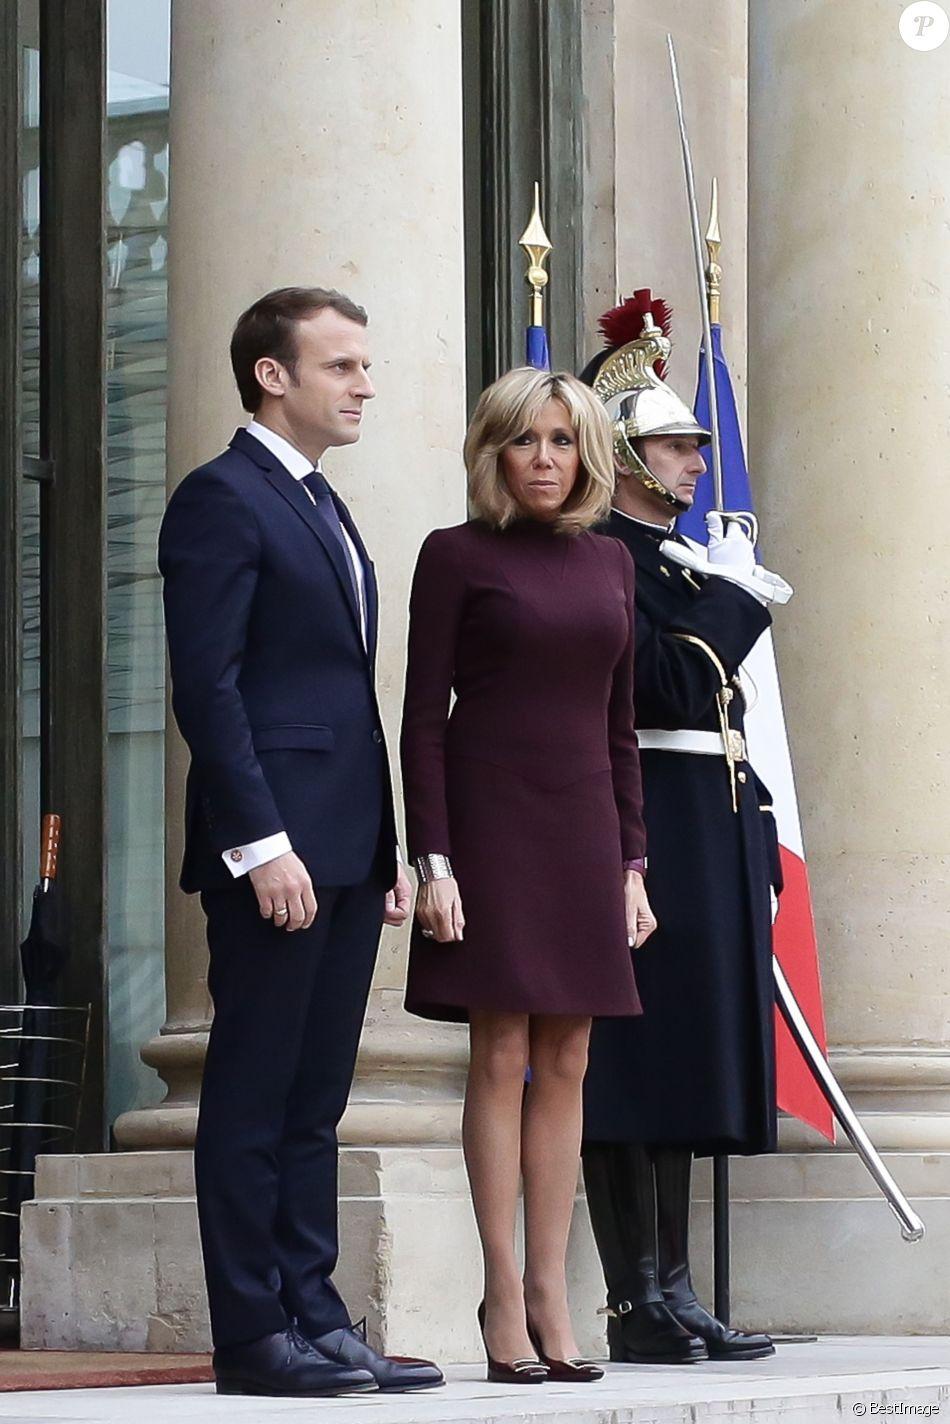 Emmanuel Macron et sa femme Brigitte Macron à Paris, le 18 novembre 2017. © Stéphane Lemouton/Bestimage